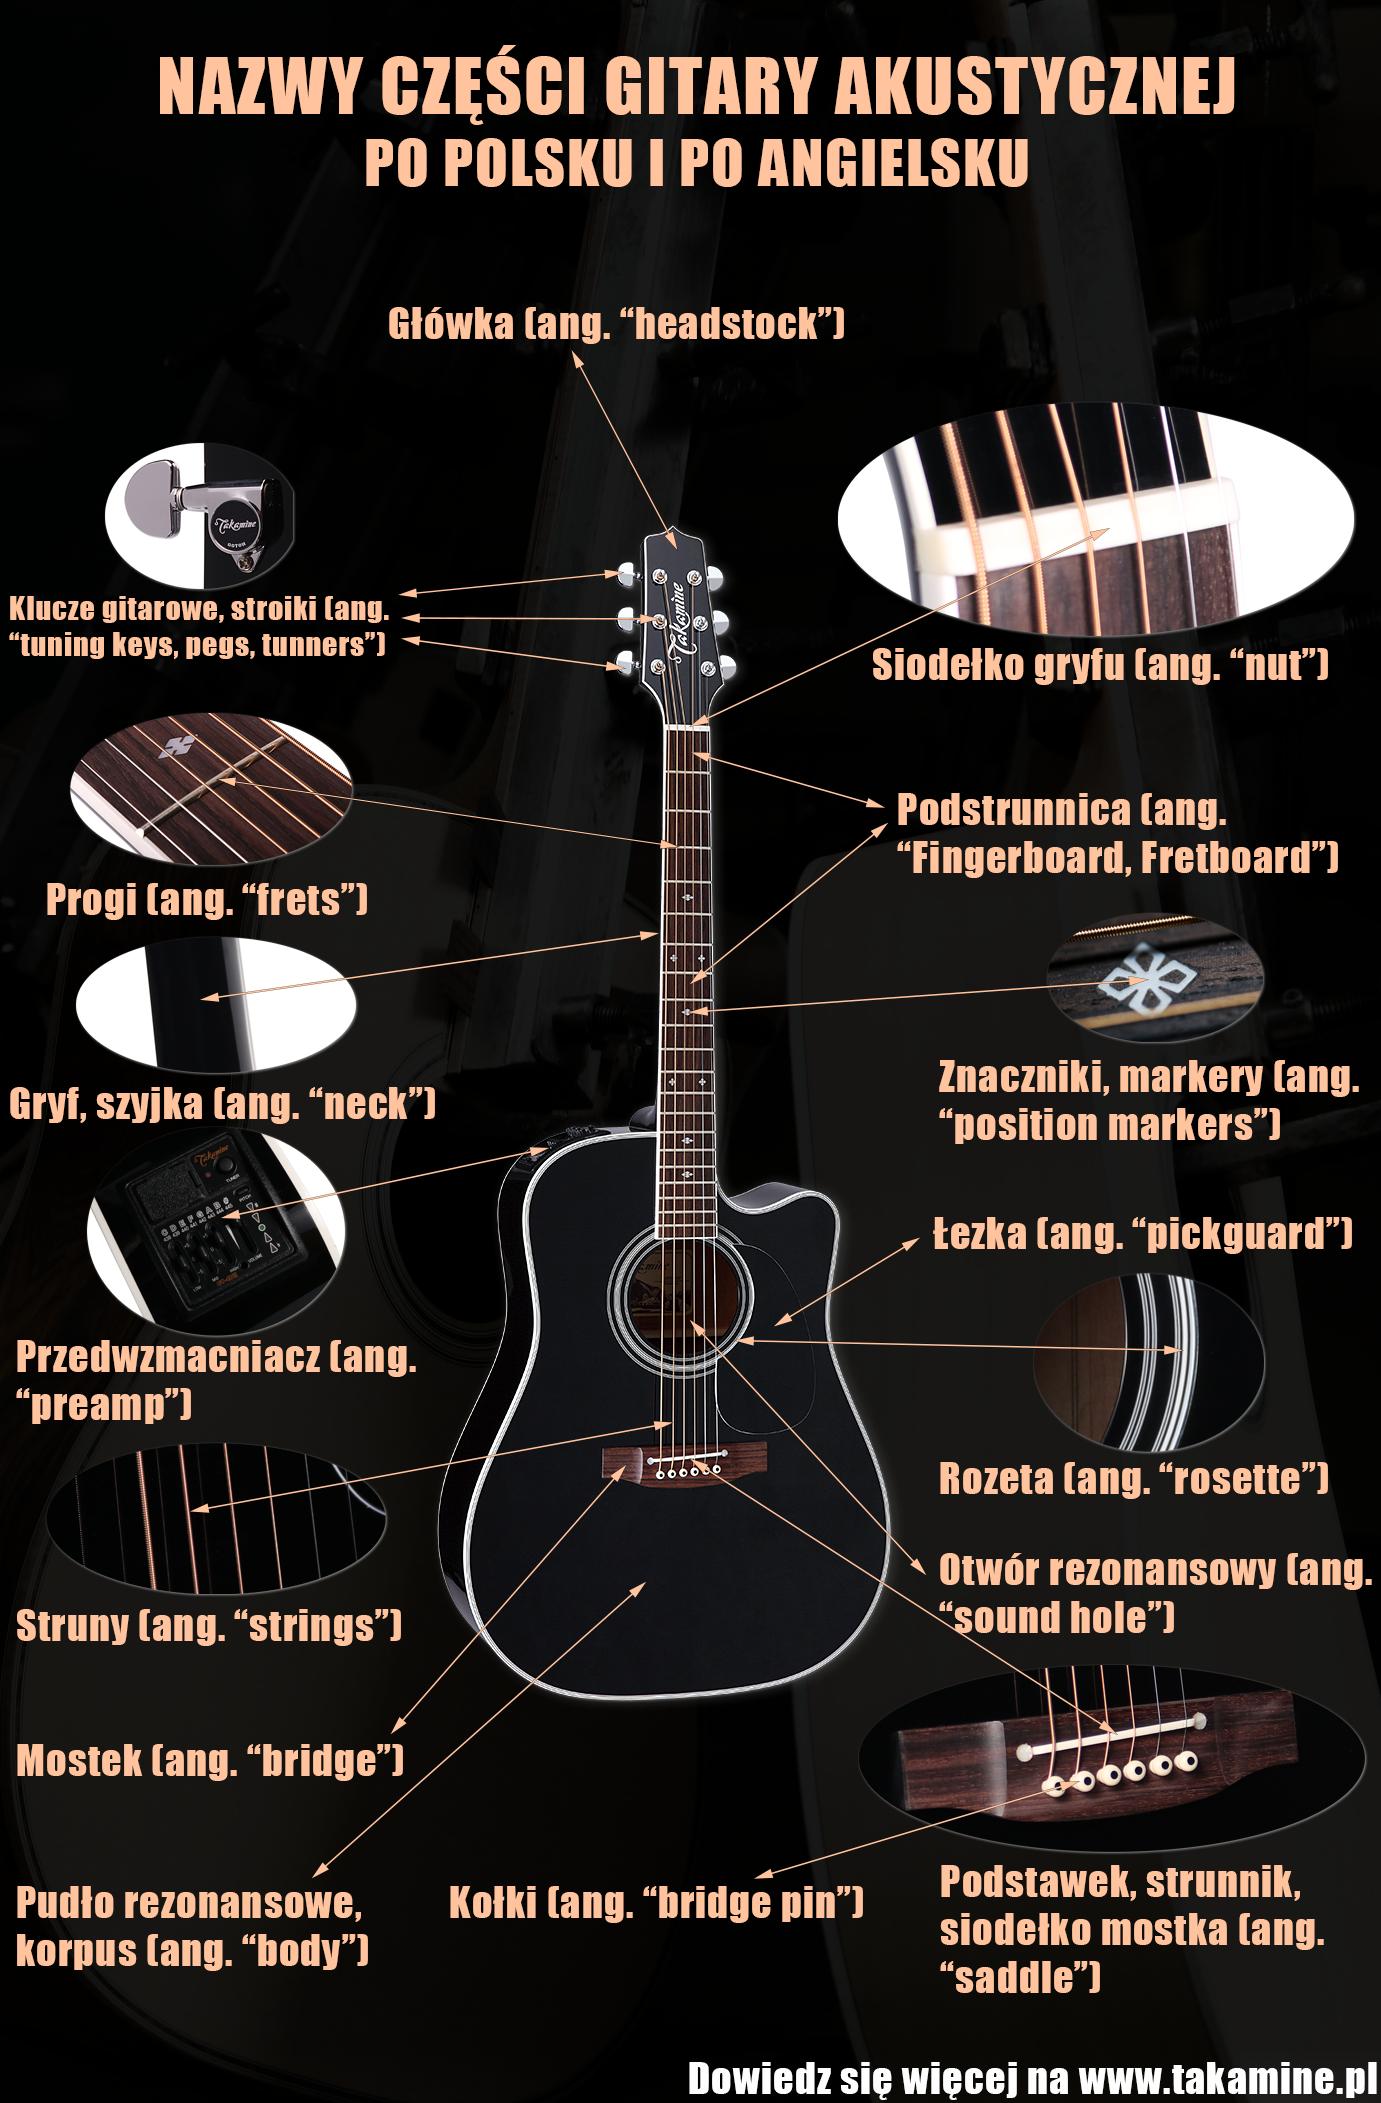 Infografika przedstawiająca nazwy części gitary akustycznej